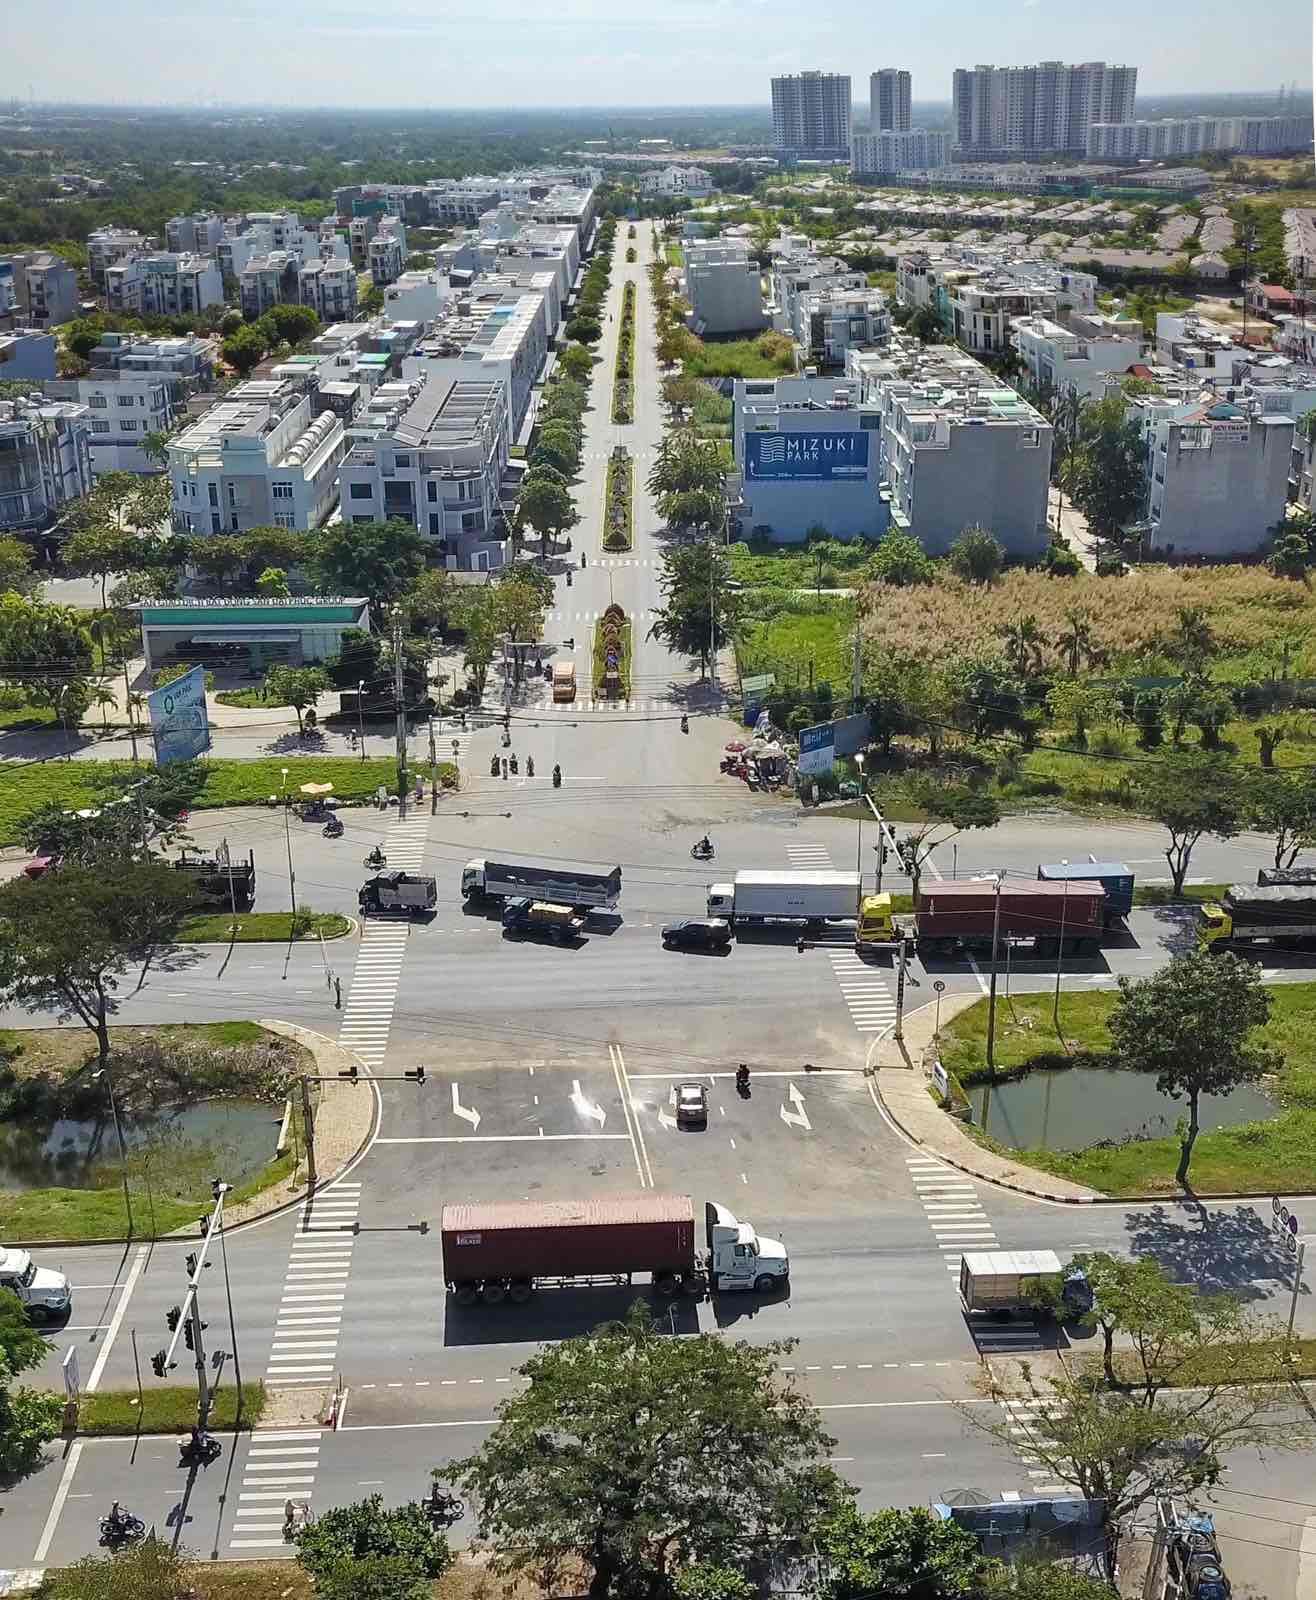 Hình ảnh 1 con đường có đông phương tiện đang di chuyển, hai bên đường là các công trình nhà ở xen lẫn cây xanh